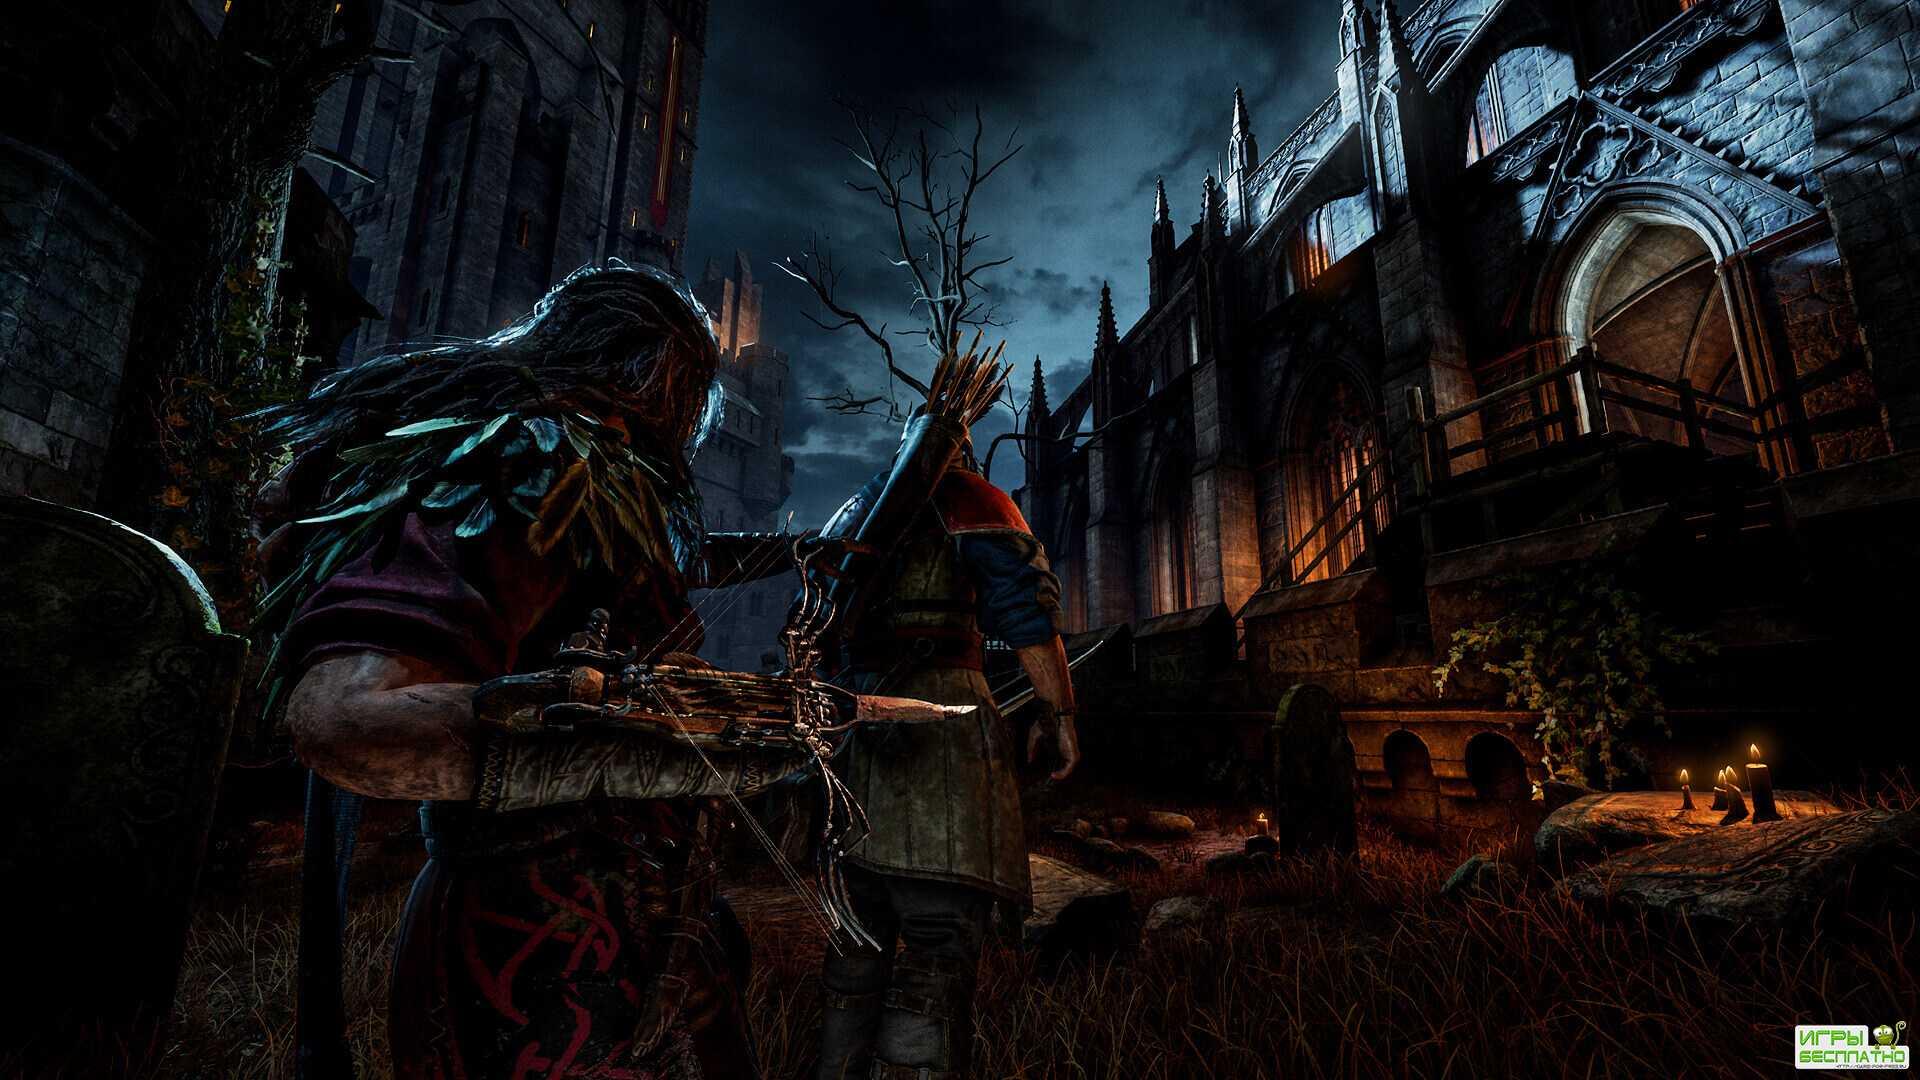 Демонстрация особенностей класса Рейнджер в игре Hood: Outlaws & Legends